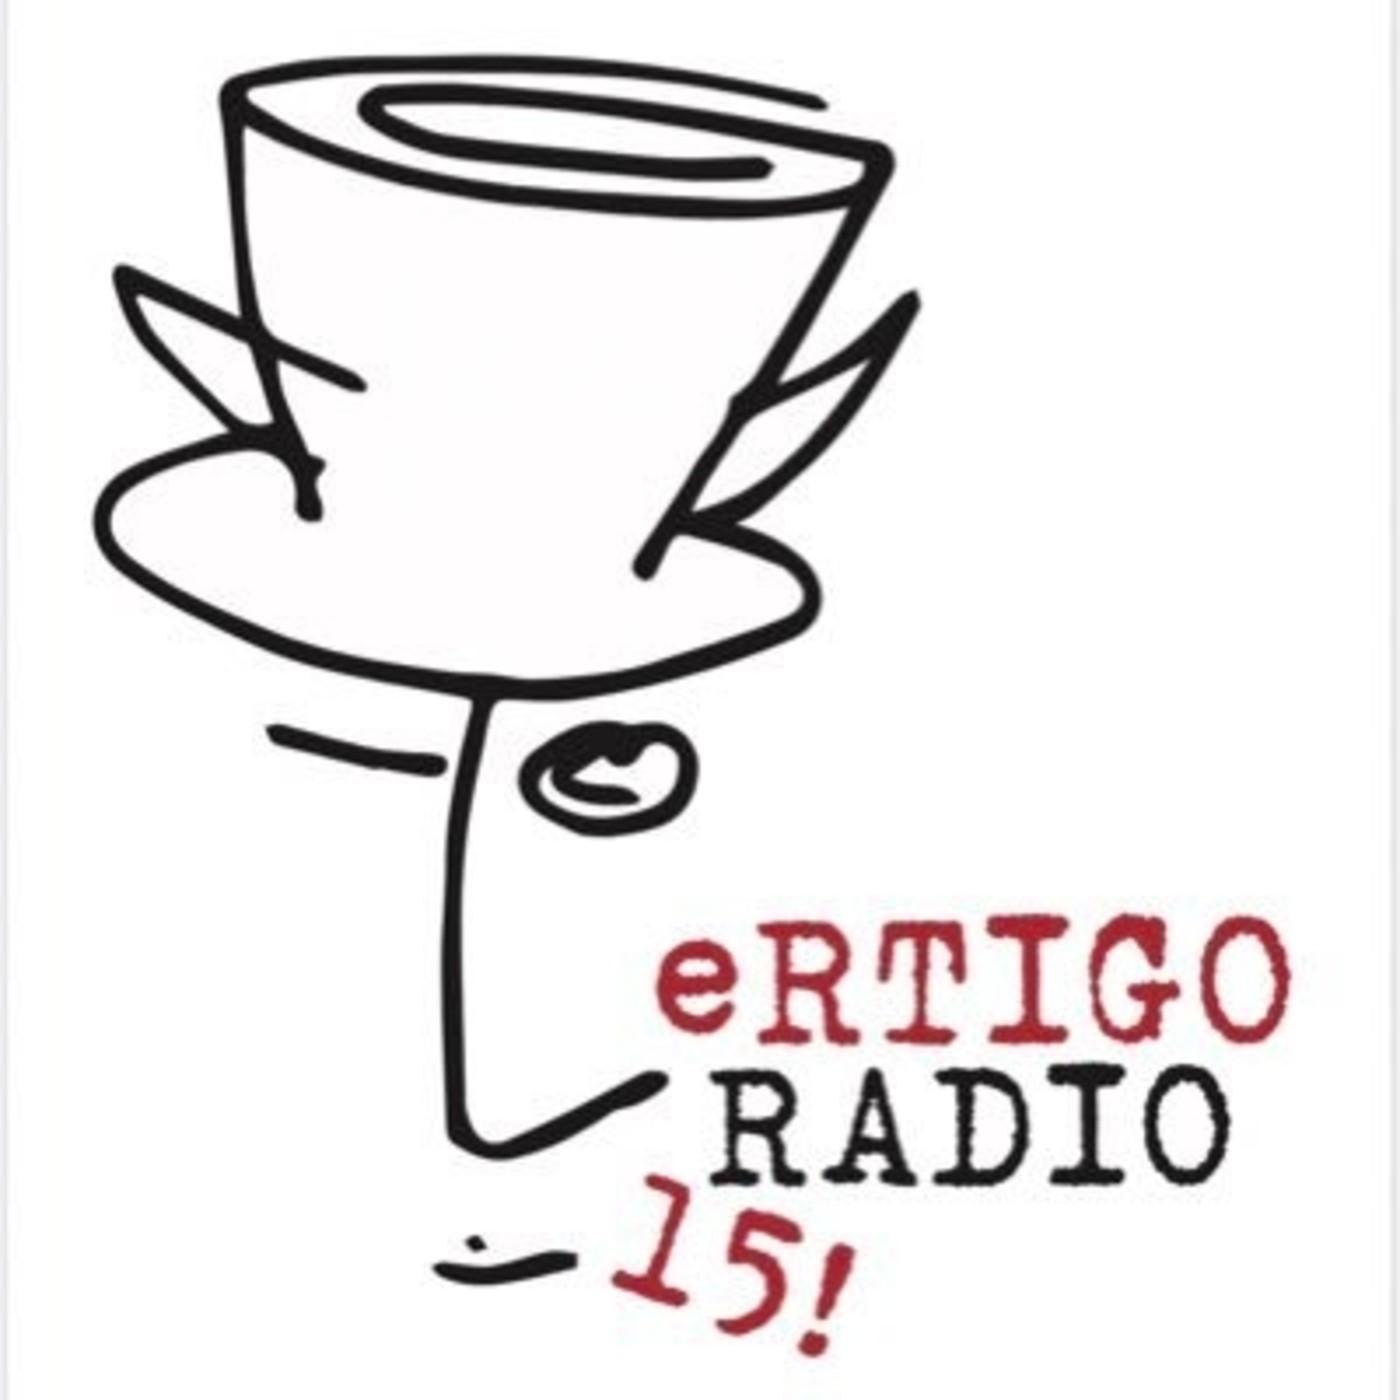 Vertigo Radio 11.0 - 14 - 20-01-16 - U2 Radio